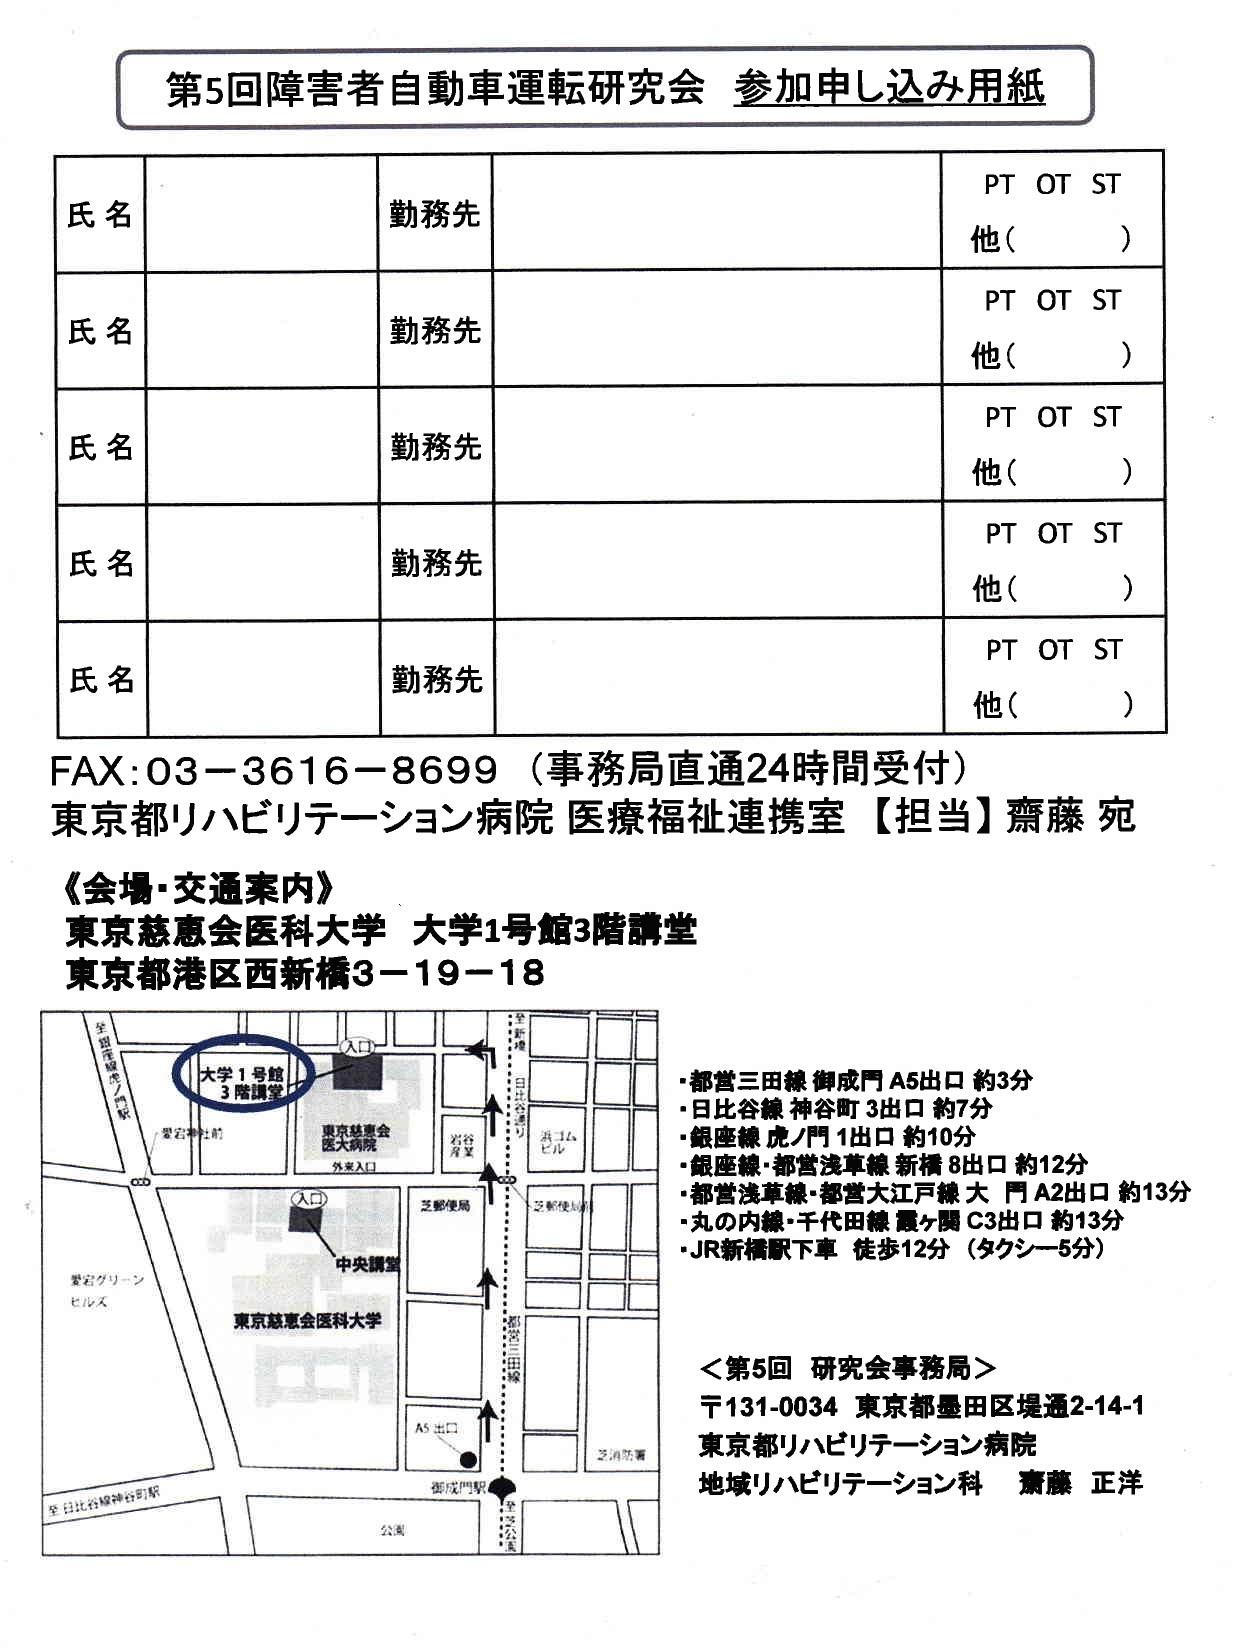 第5回 障害者自動車運転研究会(申込書)